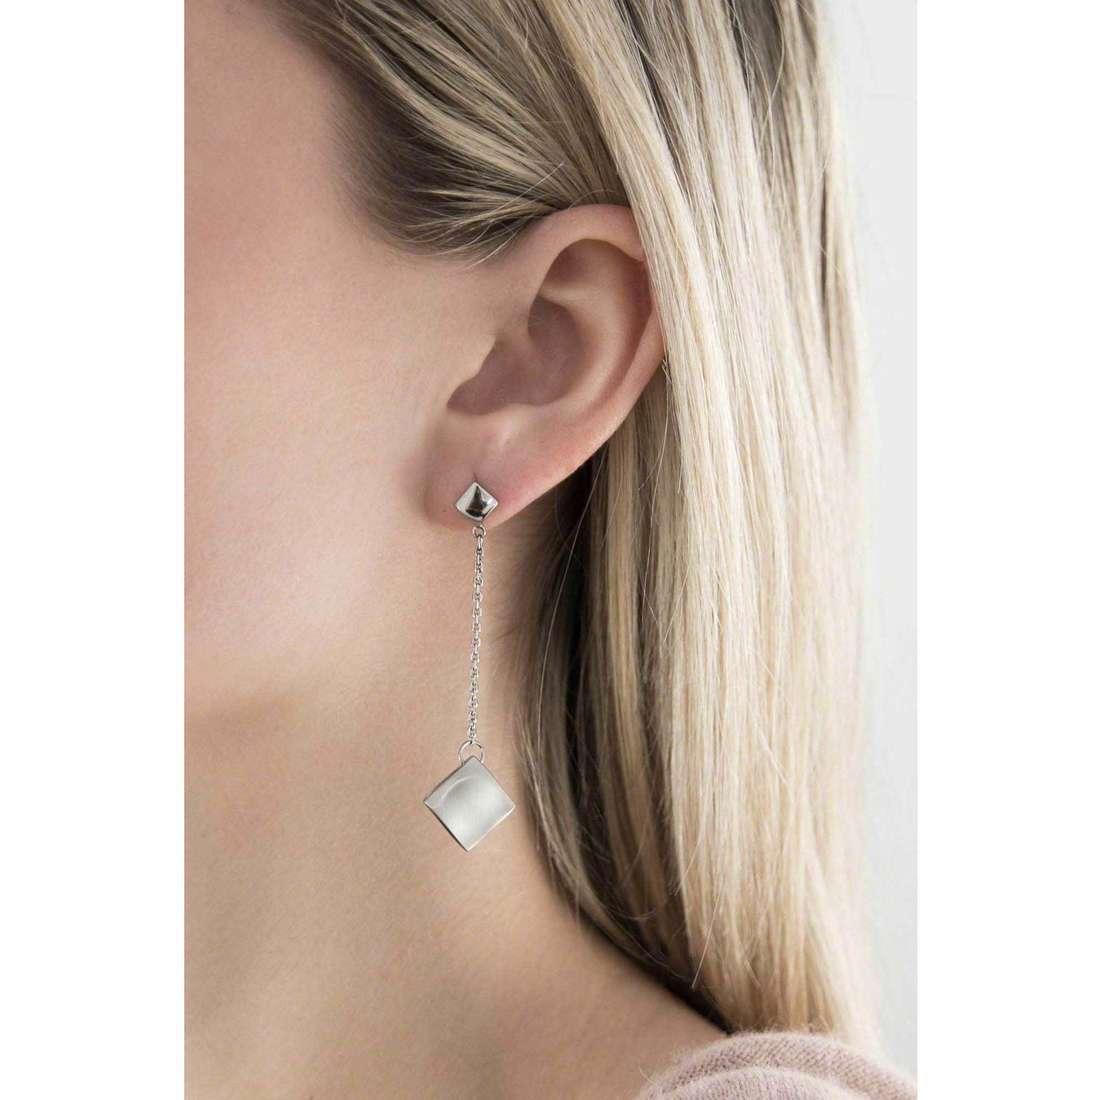 Breil boucles d'oreille Kite femme TJ1259 indosso